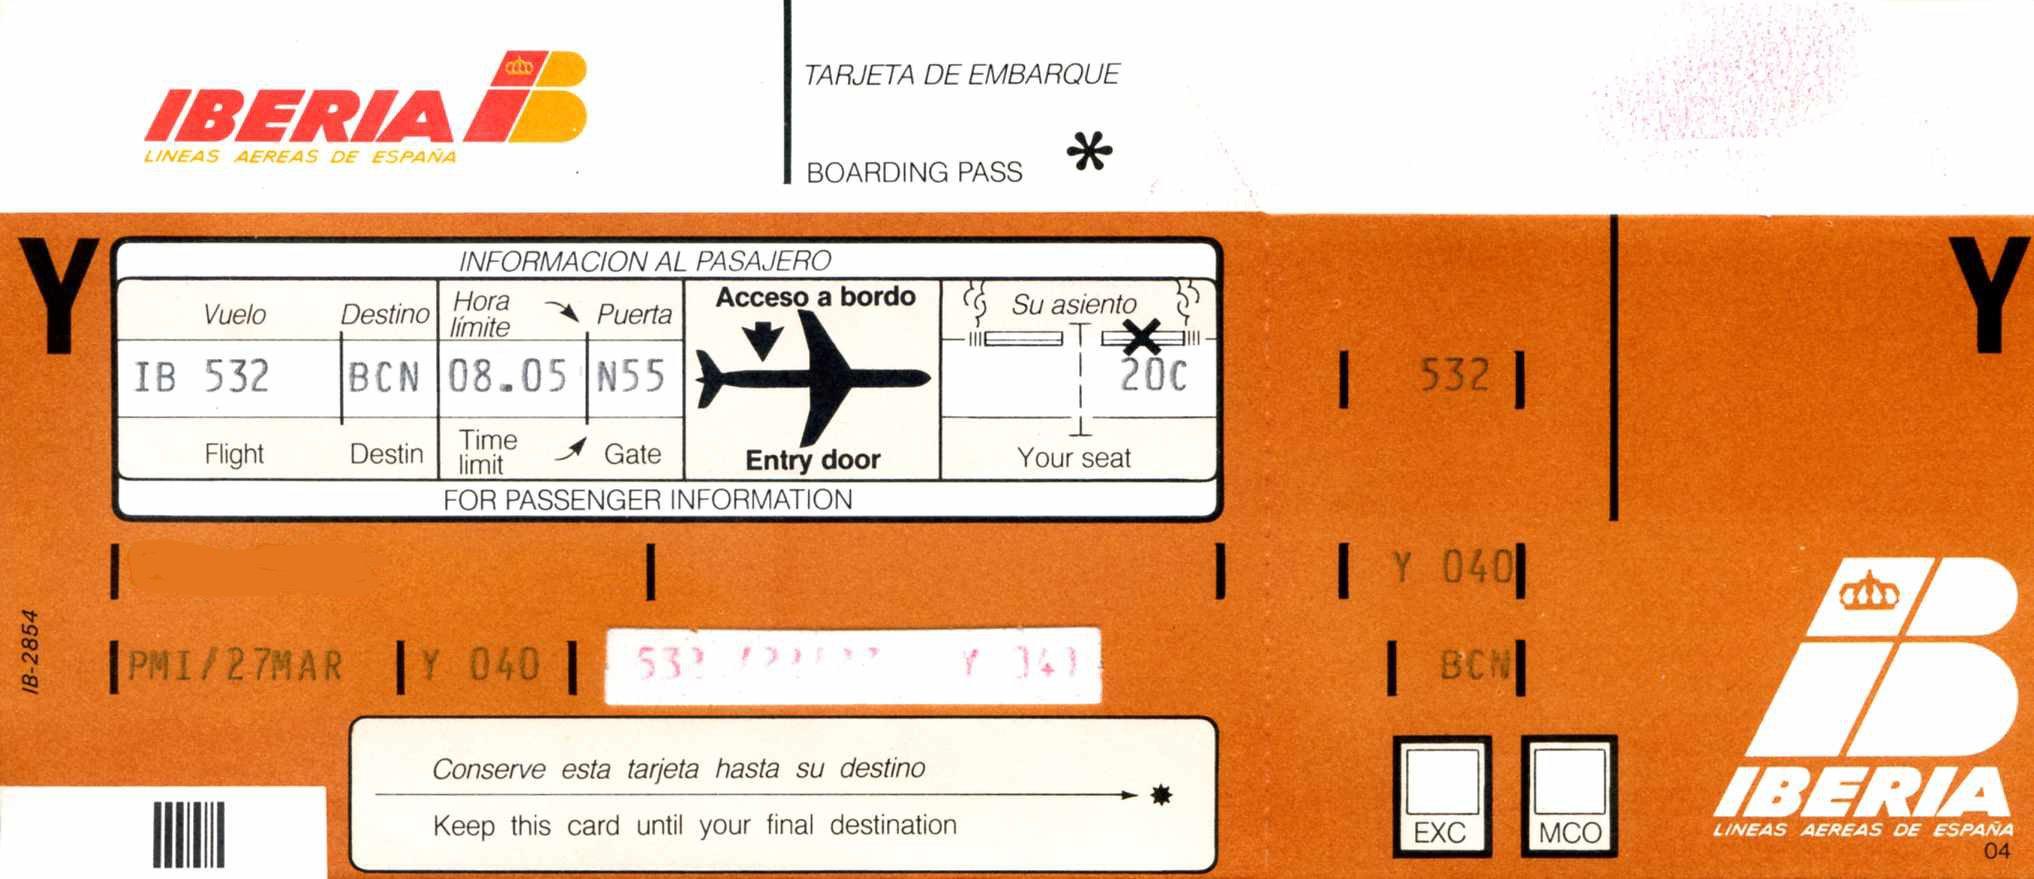 Come cambiare nome ad un volo Iberia